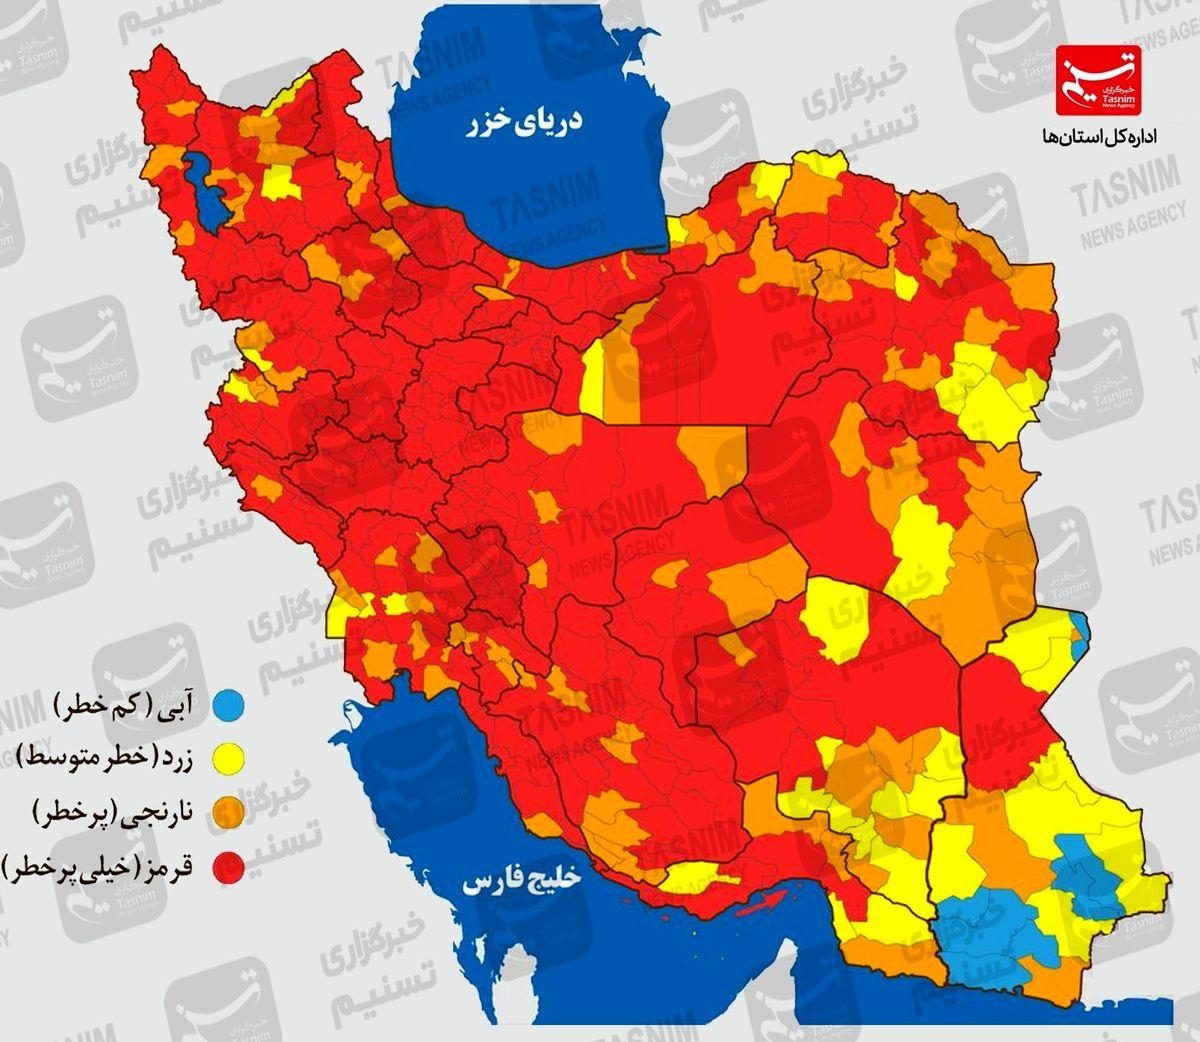 آخرین اخبار کرونا در ایران/تهران به سمت وضعیت سیاه کرونایی+ نقشه